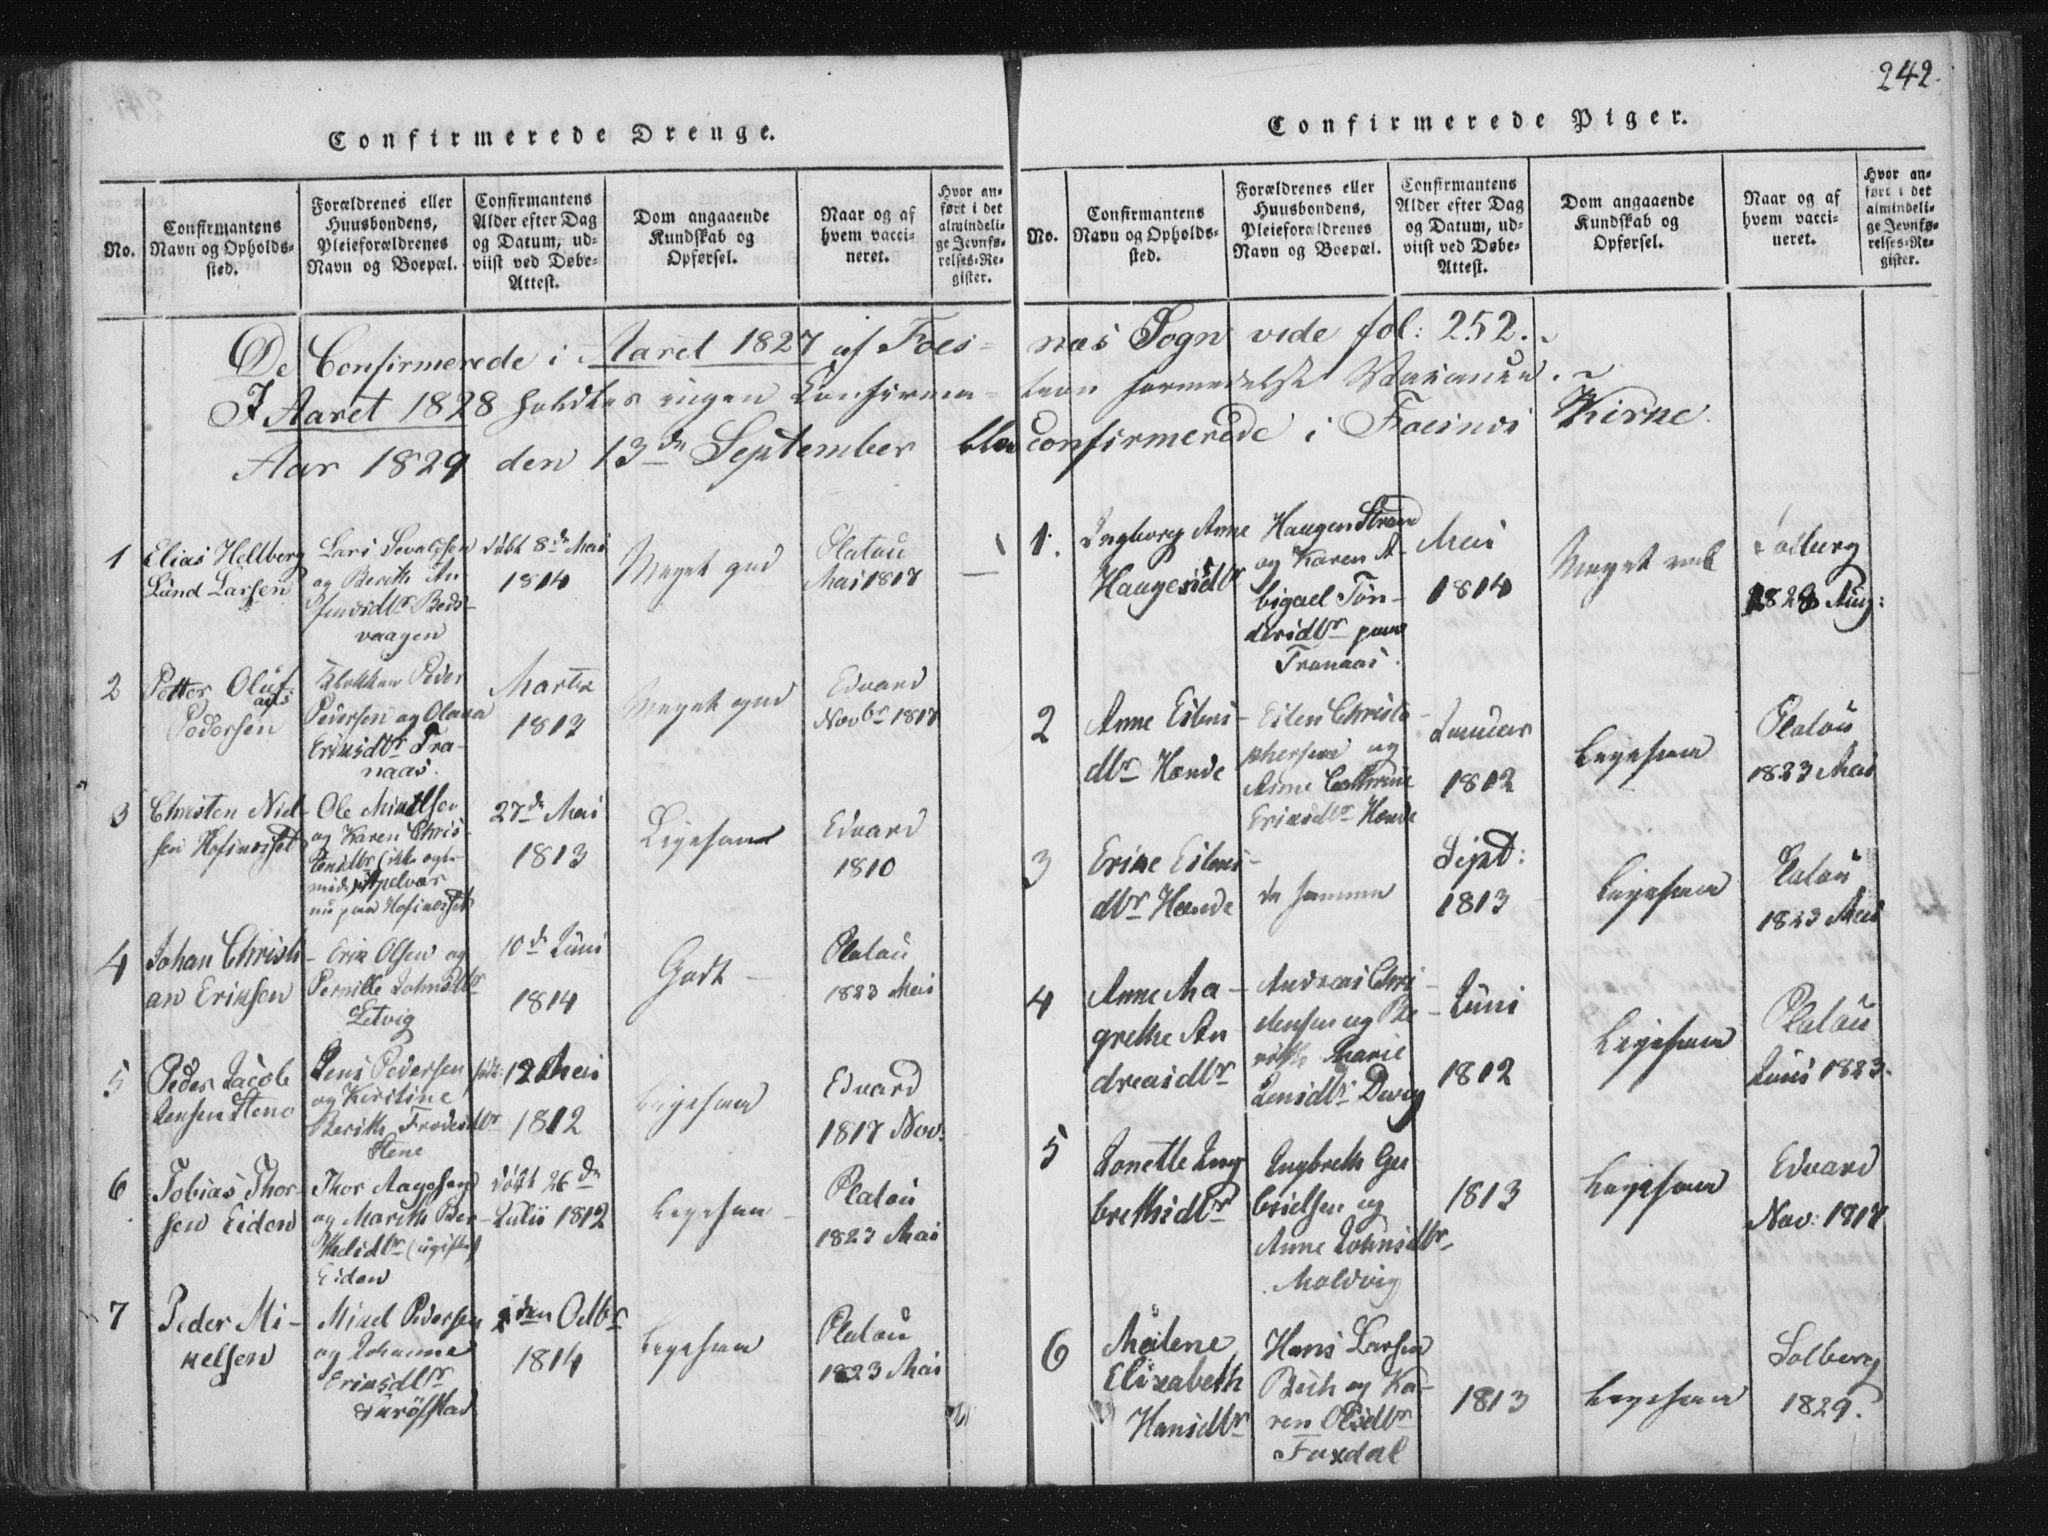 SAT, Ministerialprotokoller, klokkerbøker og fødselsregistre - Nord-Trøndelag, 773/L0609: Ministerialbok nr. 773A03 /1, 1815-1830, s. 242